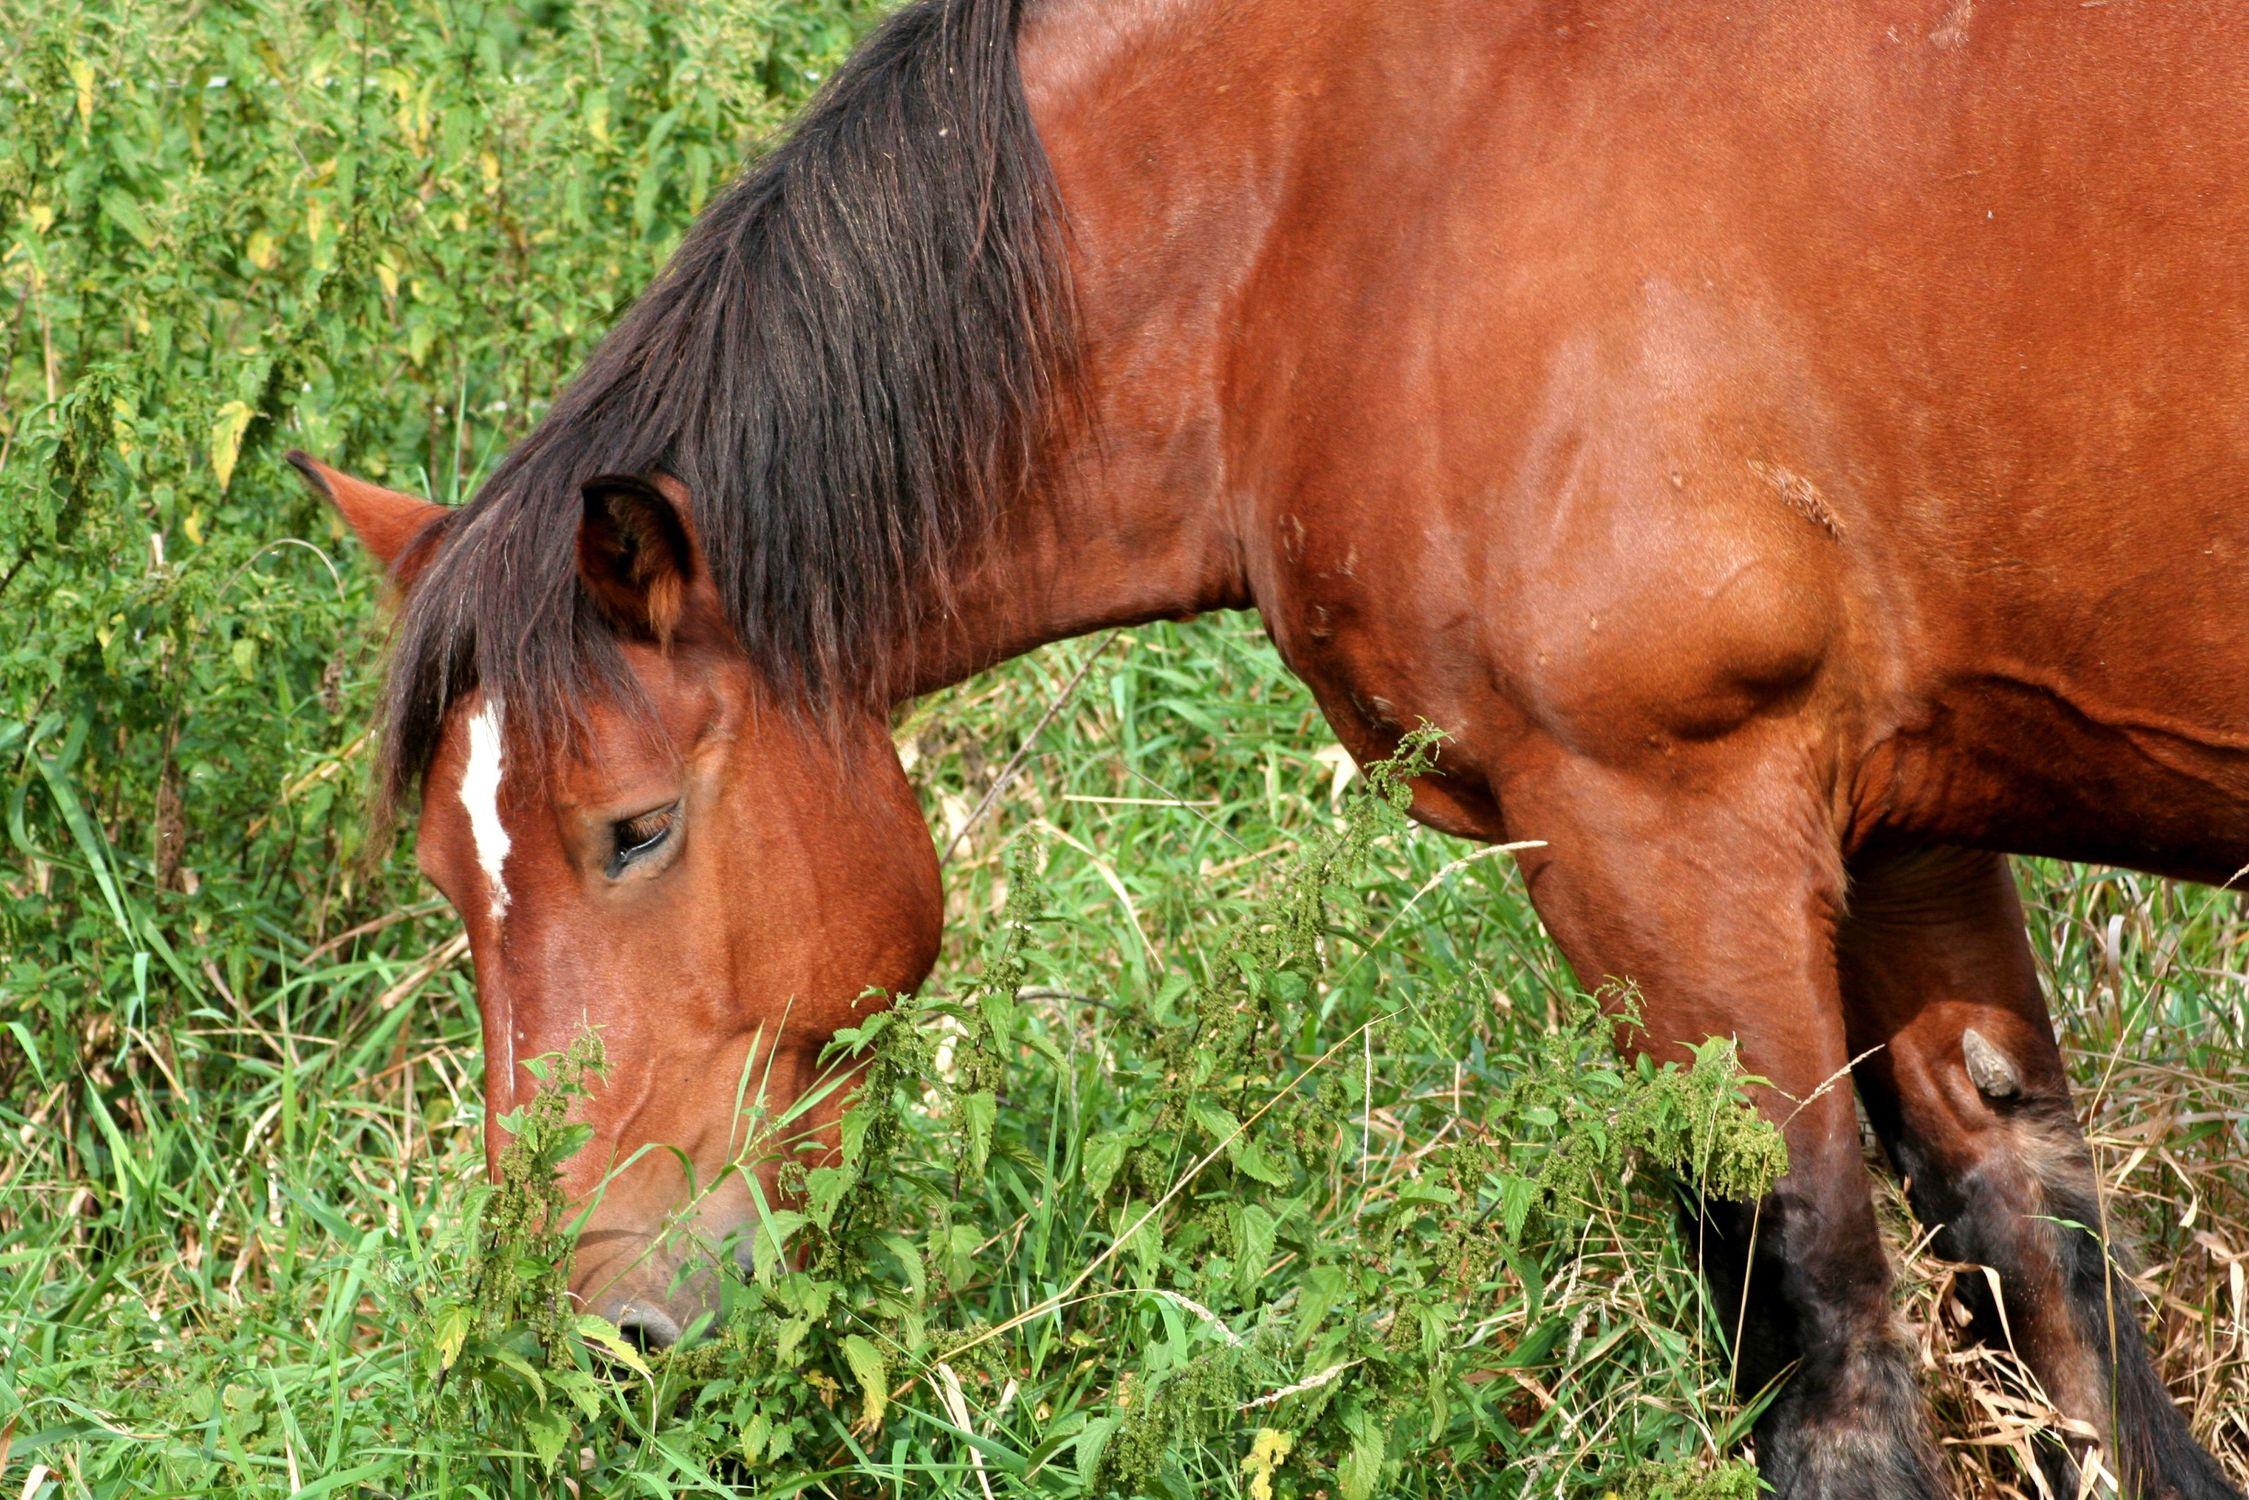 Bild mit Tiere, Säugetiere, Natur, Pflanzen, Gräser, Landschaften, Weiden und Wiesen, Architektur, Bauwerke, Gebäude, Nasen, Bauernhöfe, Unpaarhufer, Pferde, Pferd